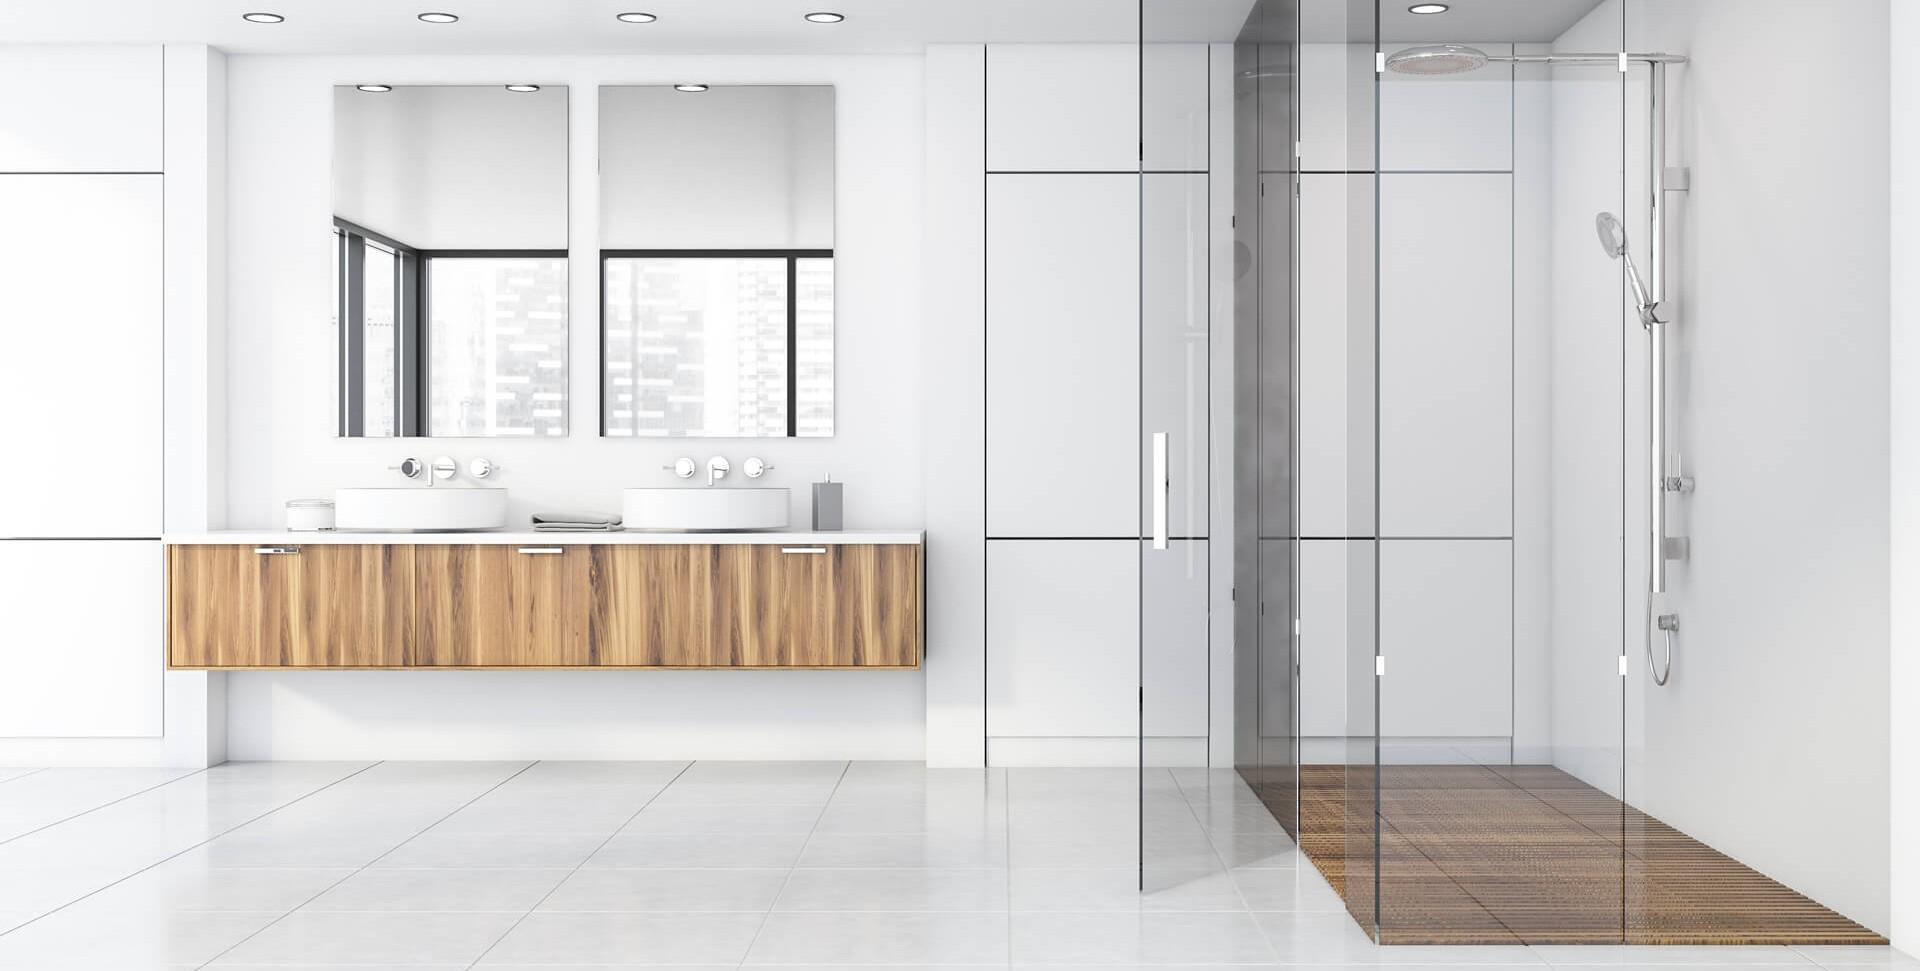 Full Size of Bodengleiche Duschen Bei Glasprofi24 Kaufen Begehbare Dusche Fliesen Hsk Sprinz Moderne Nachträglich Einbauen Schulte Werksverkauf Breuer Hüppe Dusche Bodengleiche Duschen